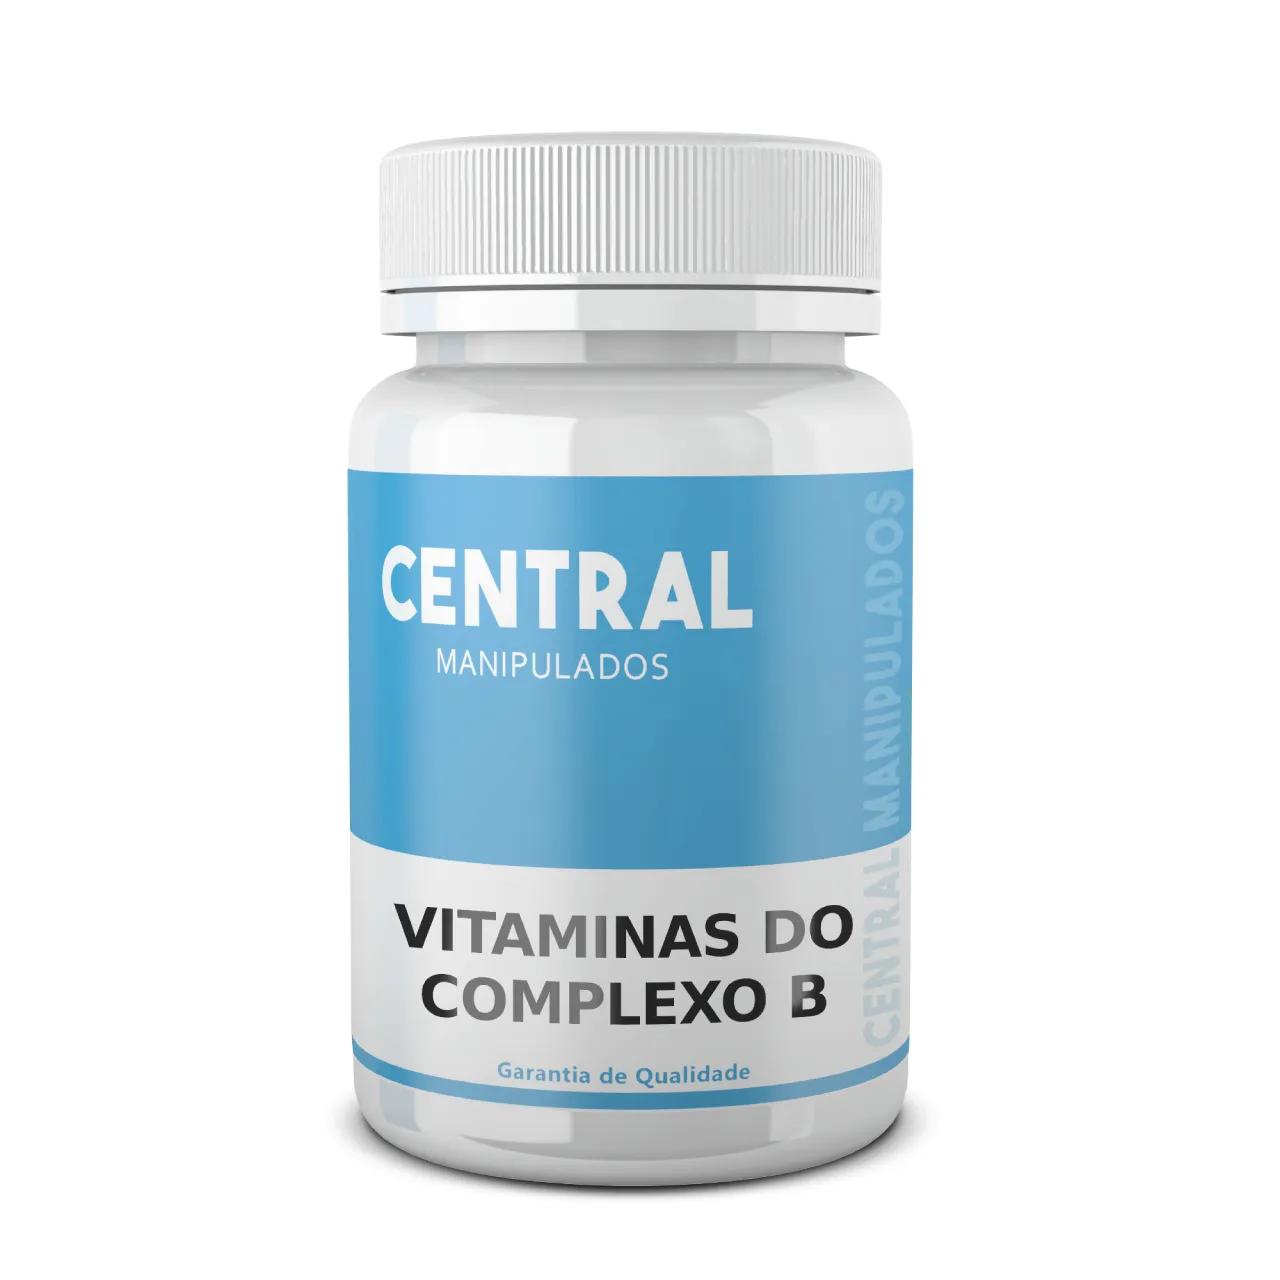 Vitaminas do Complexo B - 60cps - 5 vitaminas ; B1, B2, B3, B5, B6, B12